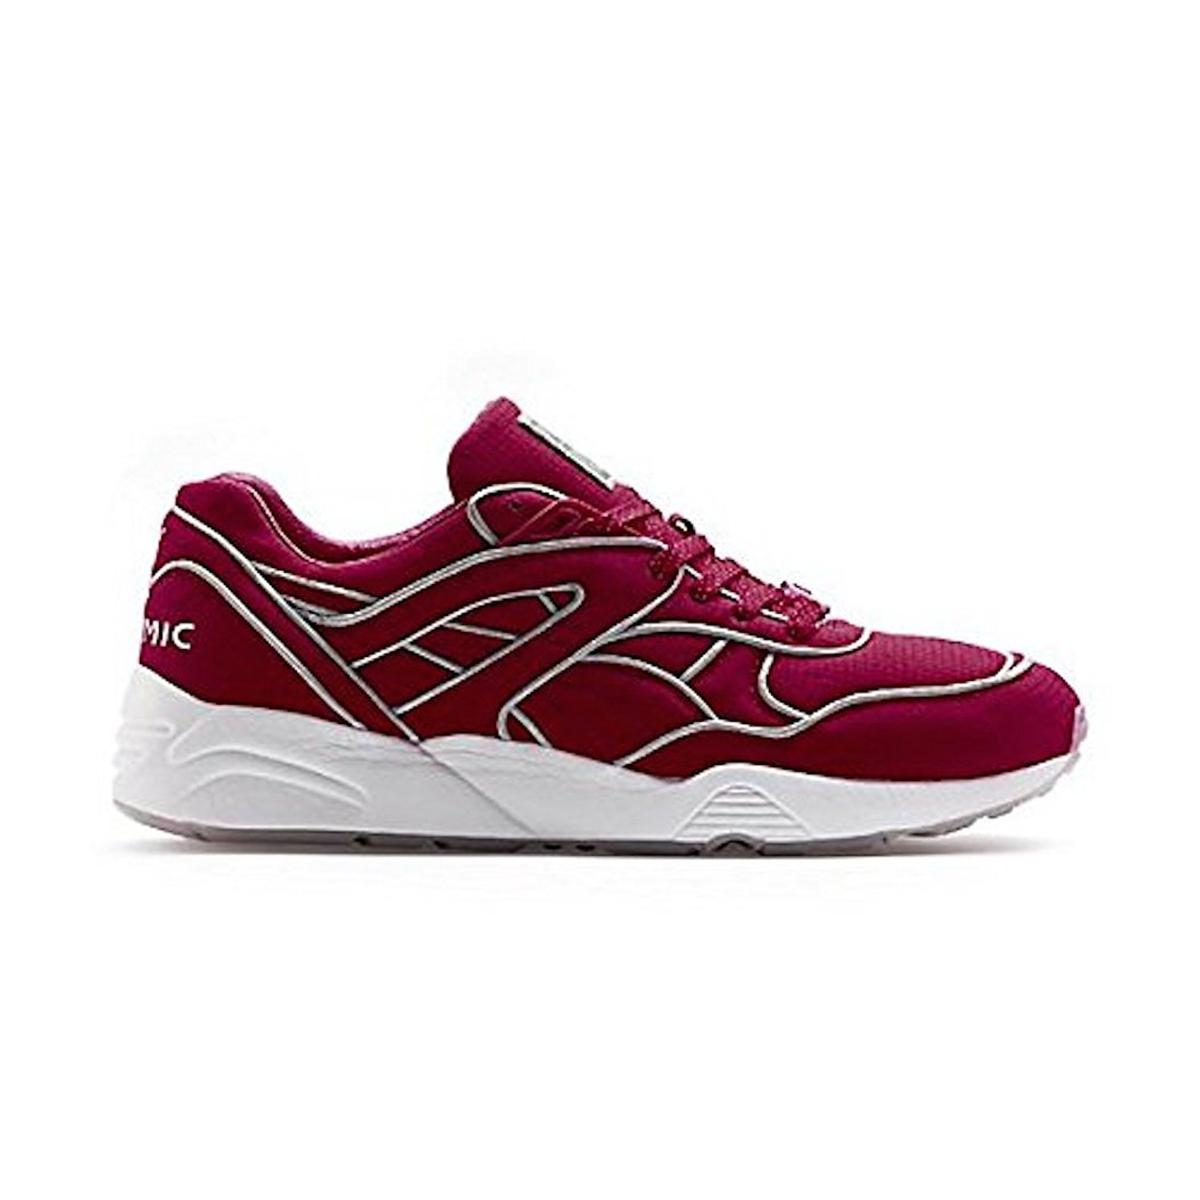 PUMA - Puma Trinomic Mens Fiery Red Sneakers - Walmart.com 6d991808d